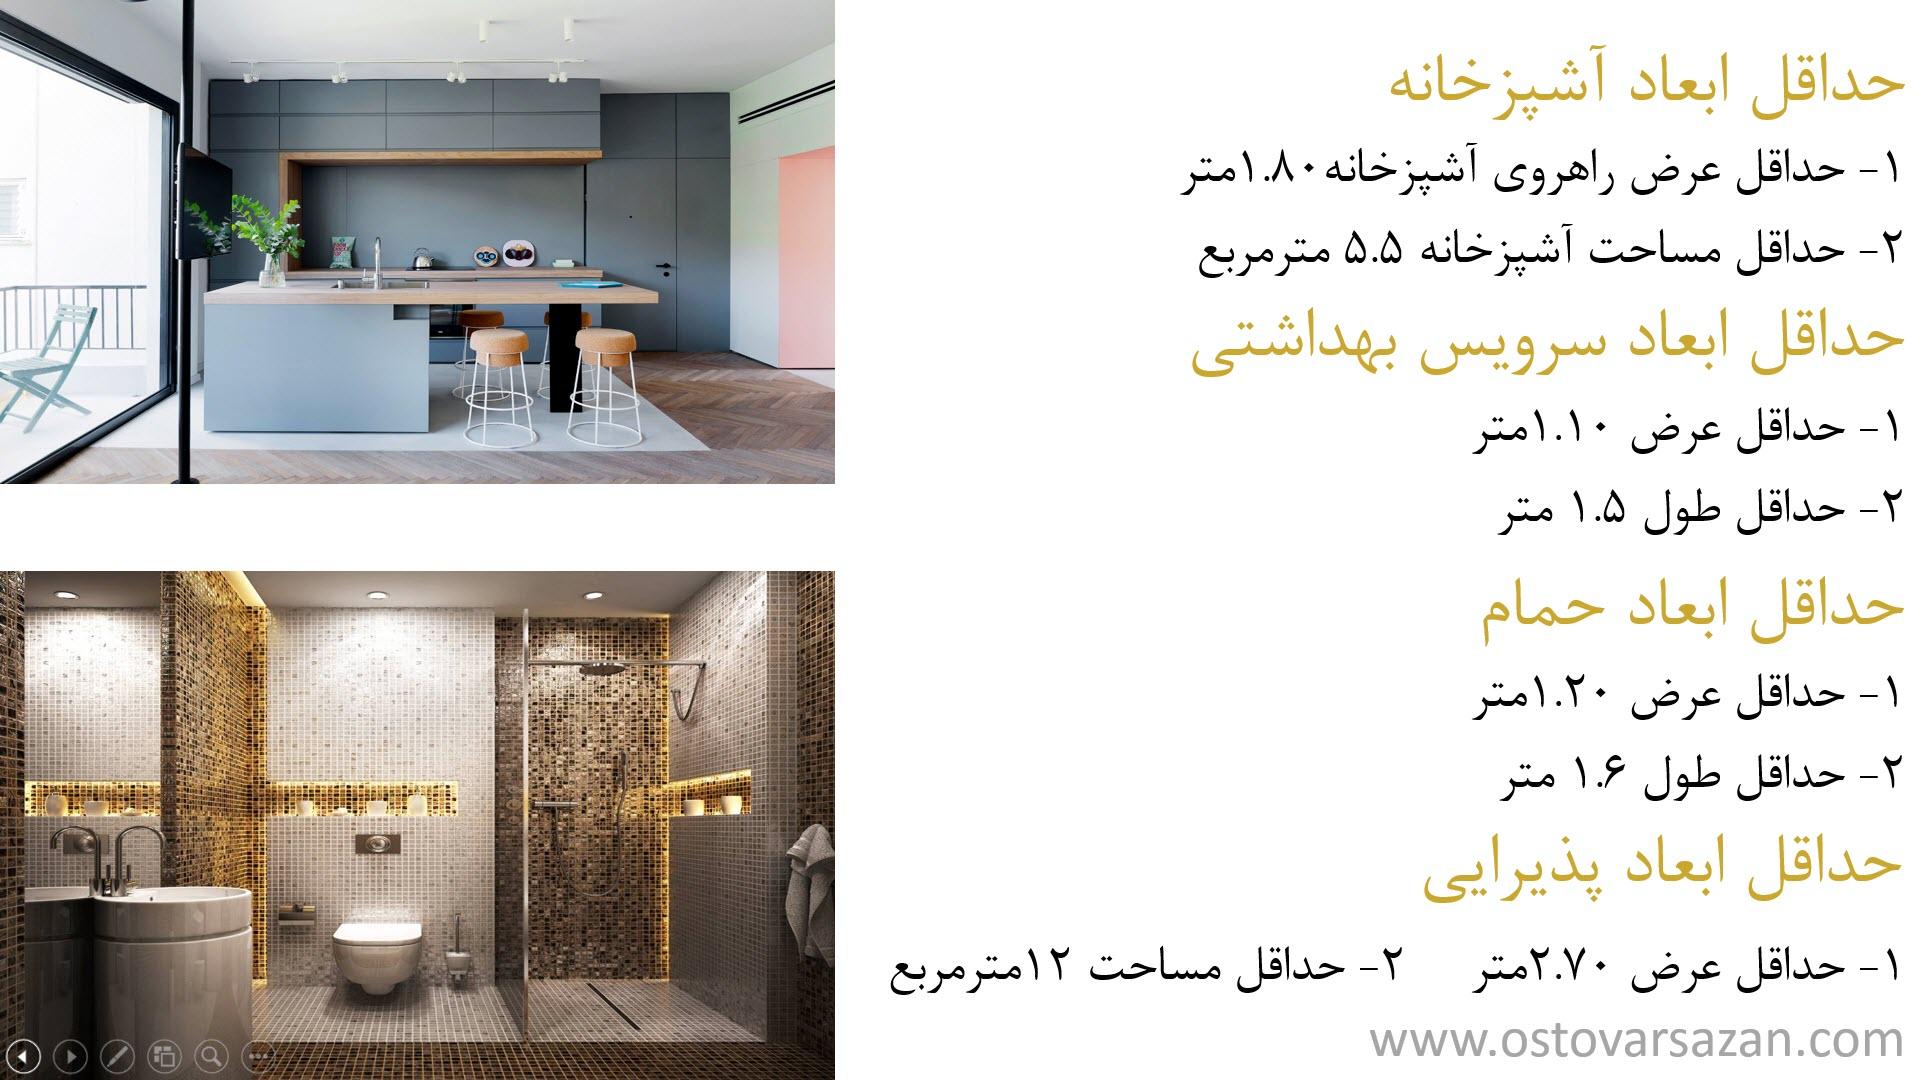 حداقل ابعاد فضاهای معماری در طراحی پلان